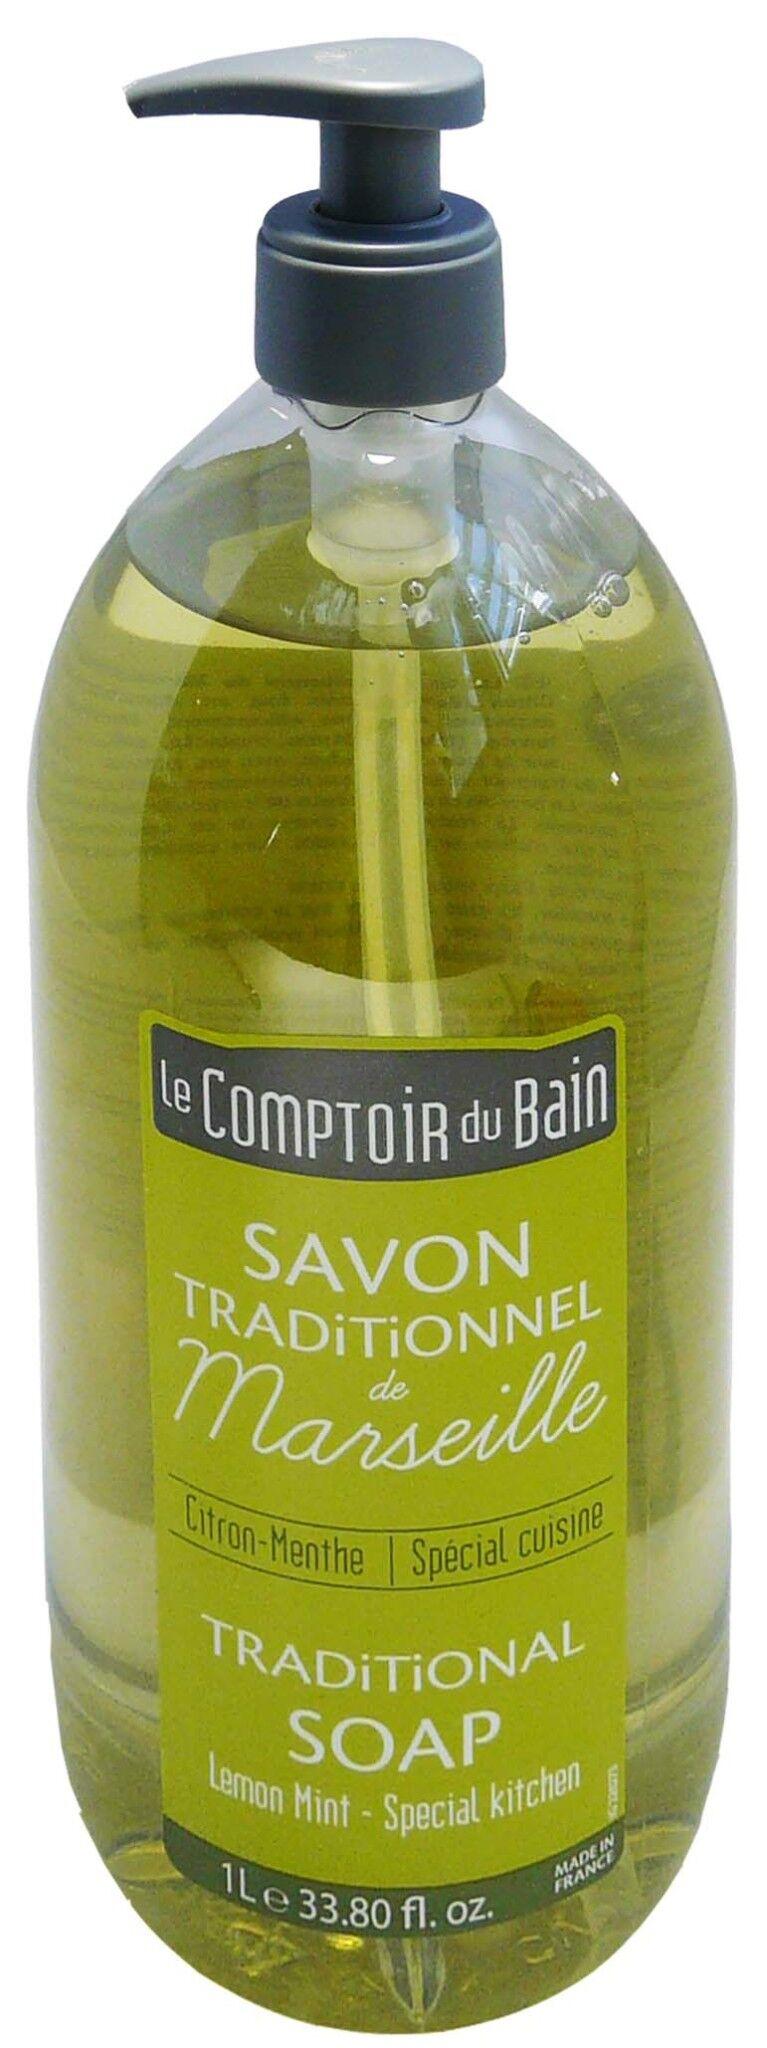 Le comptoir du bain savon de marseille citron-menthe 1l